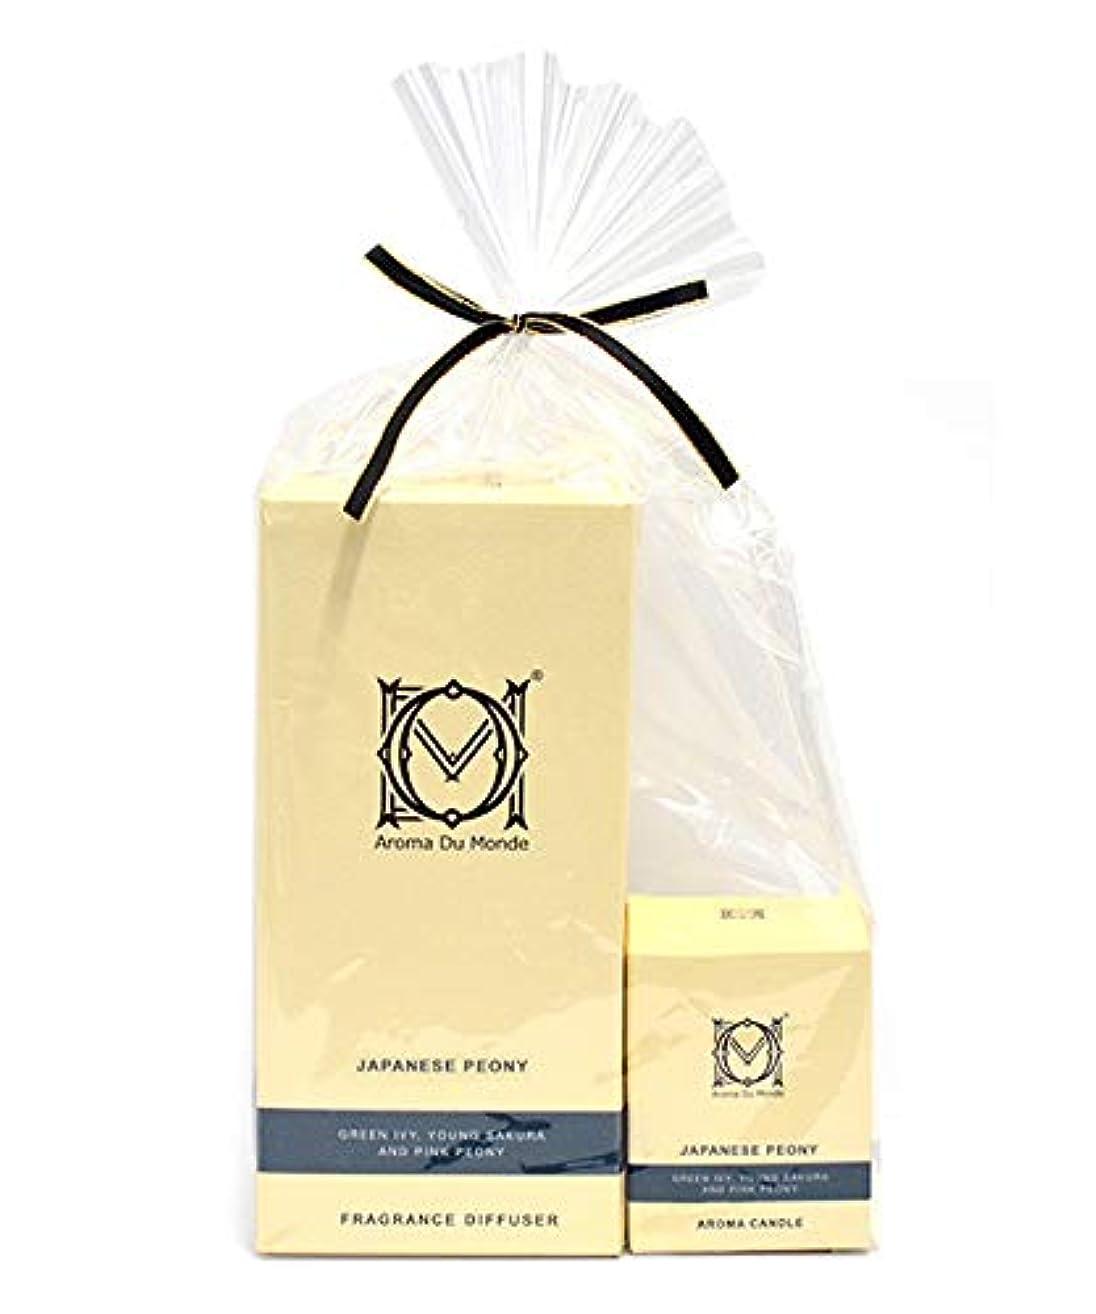 交通加速度モンクフレグランスディフューザー&キャンドル JPピオニー セット Aroma Du Monde/ADM Fragrance Diffuser & Candle Japanese Peony Set 81158